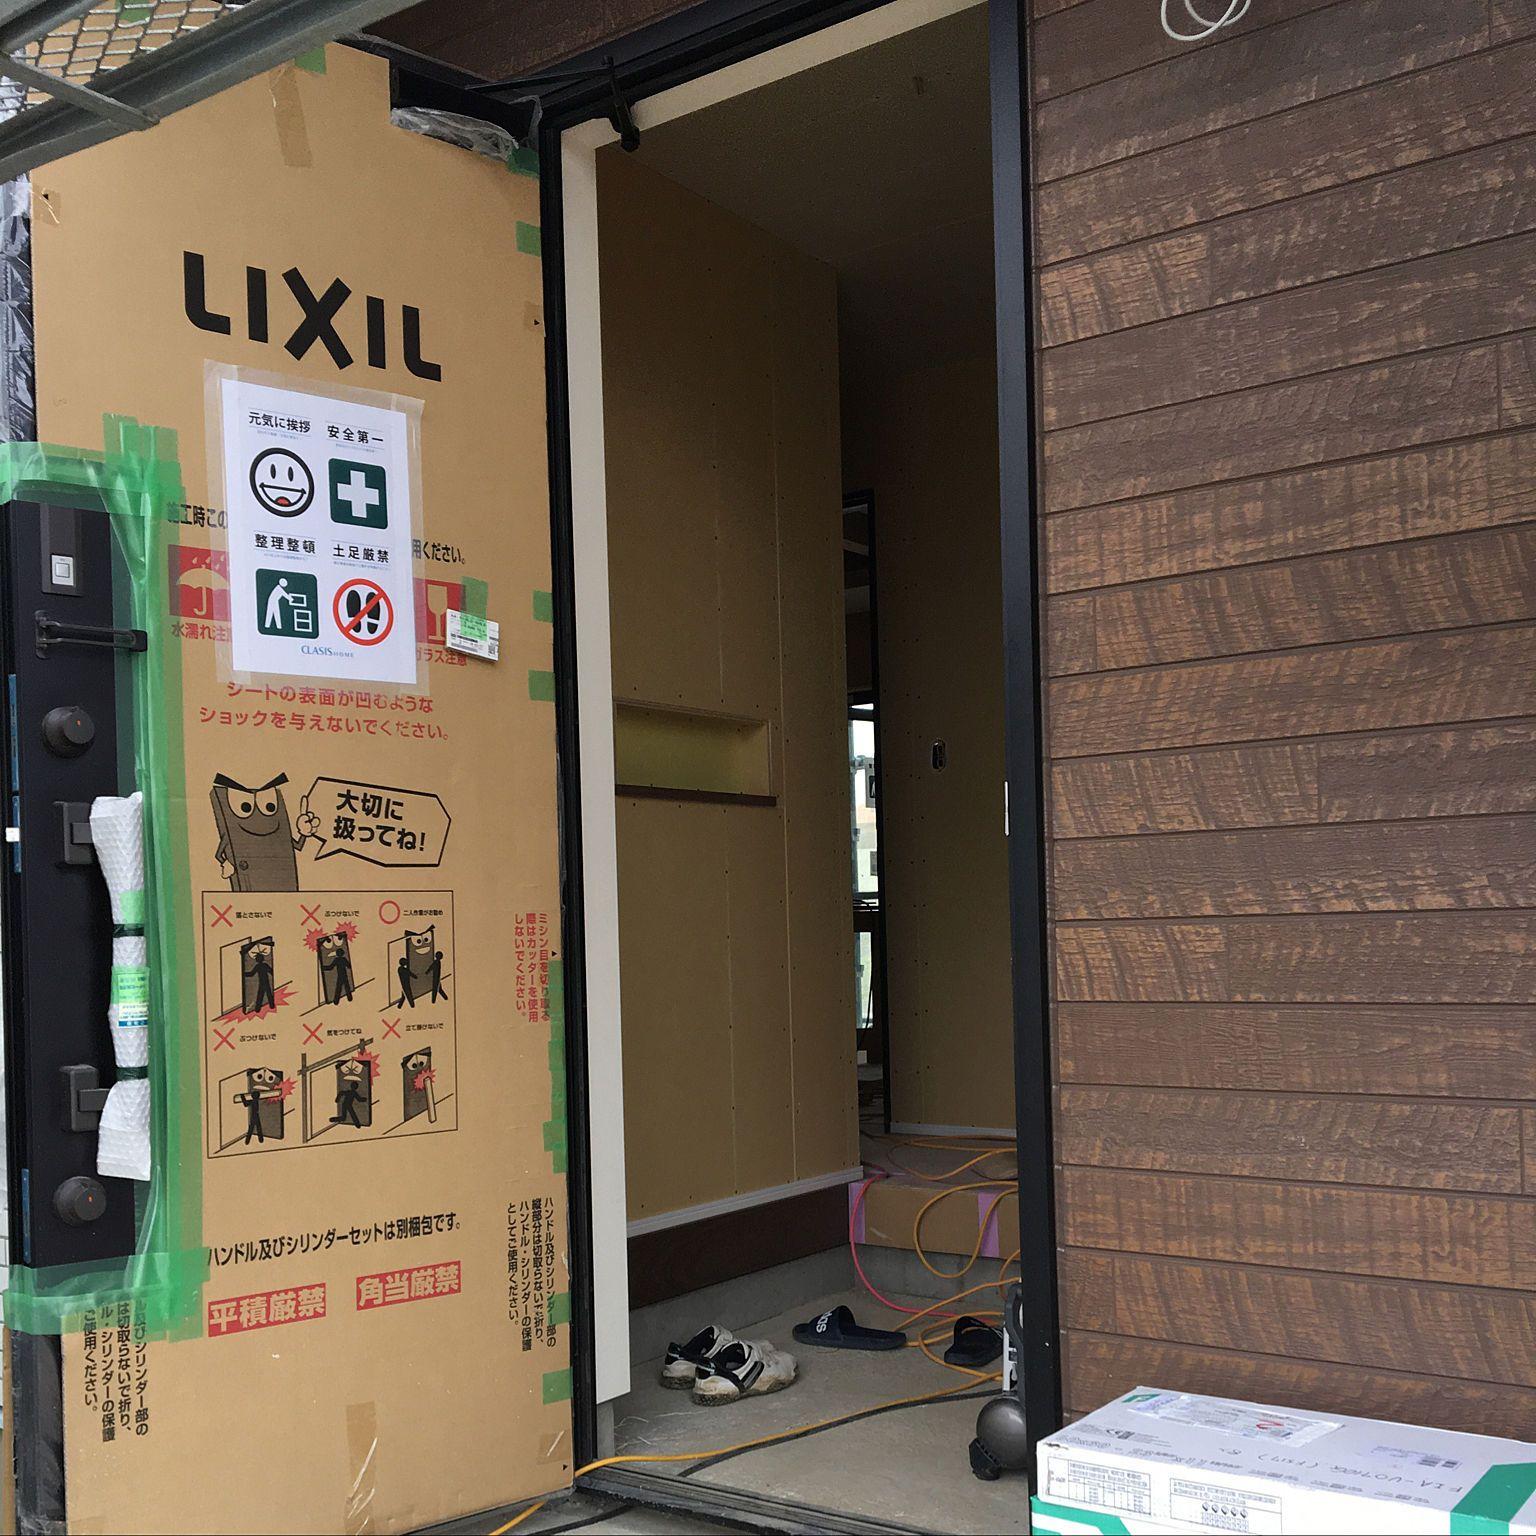 玄関 入り口 リクシル リクシルの玄関ドア シンプルのインテリア実例 2018 06 14 15 53 54 Roomclip ルームクリップ 玄関 玄関ドア リクシル